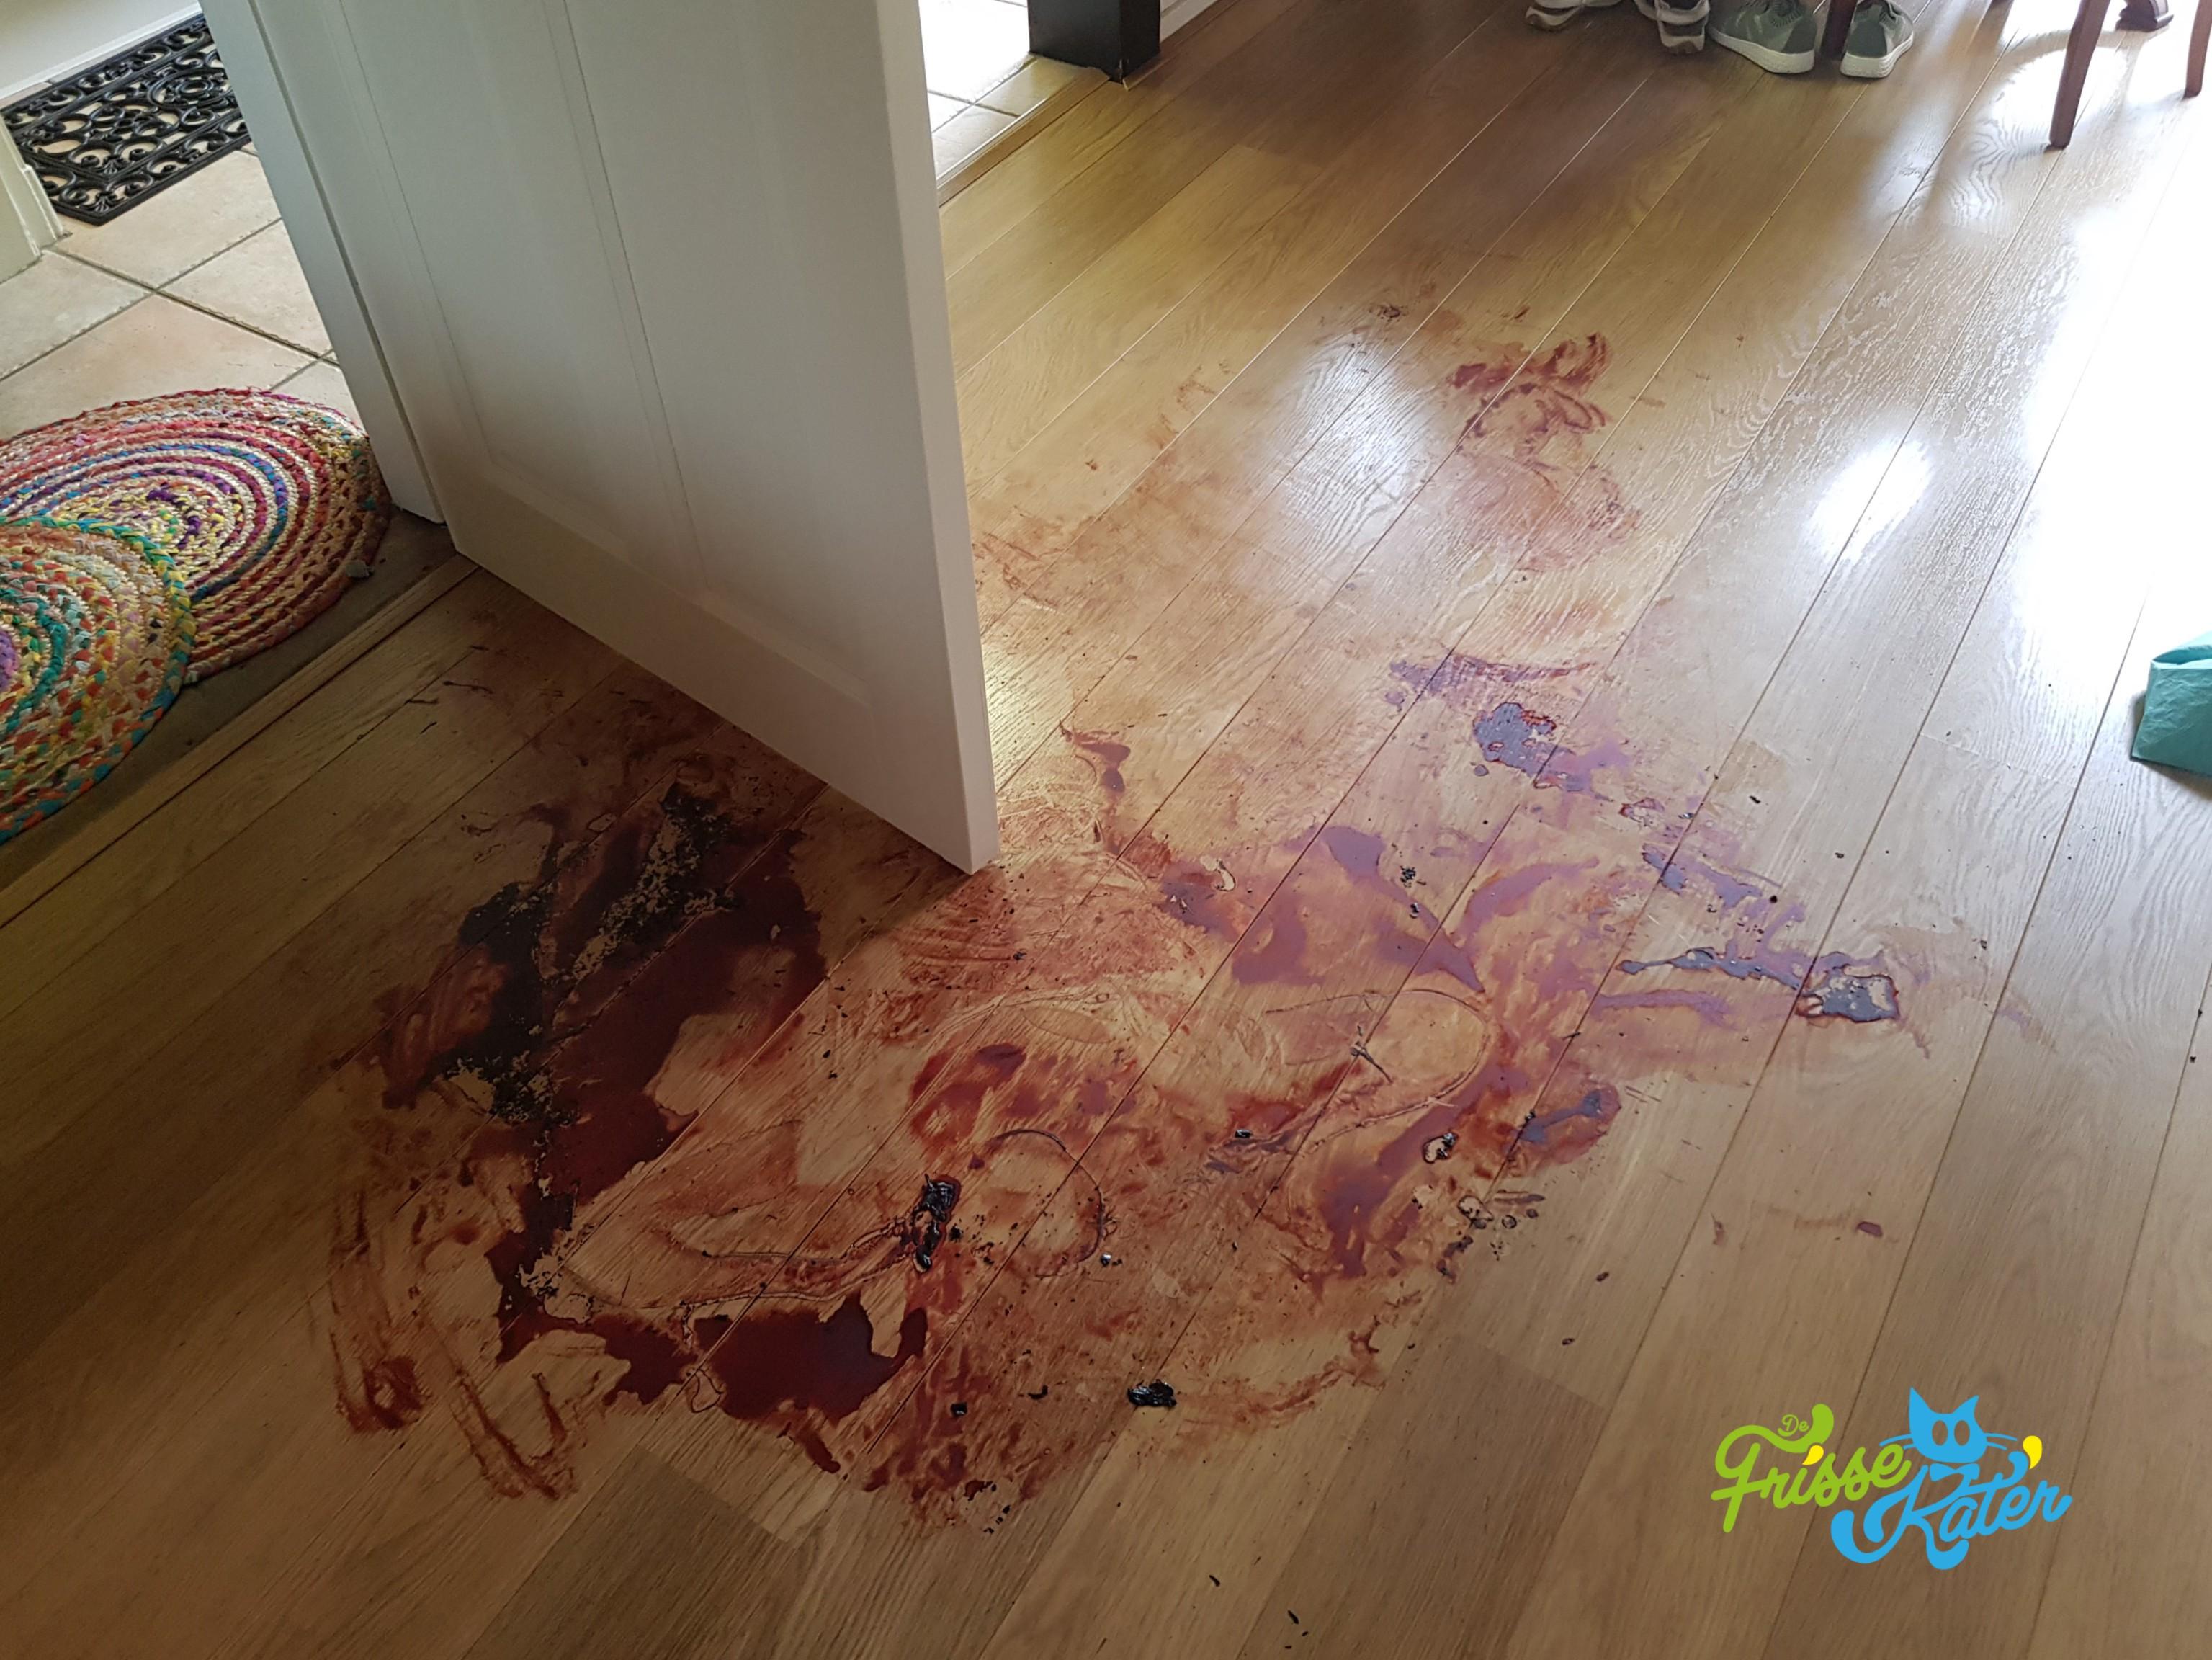 Bloed verwijderen en schoonmaken